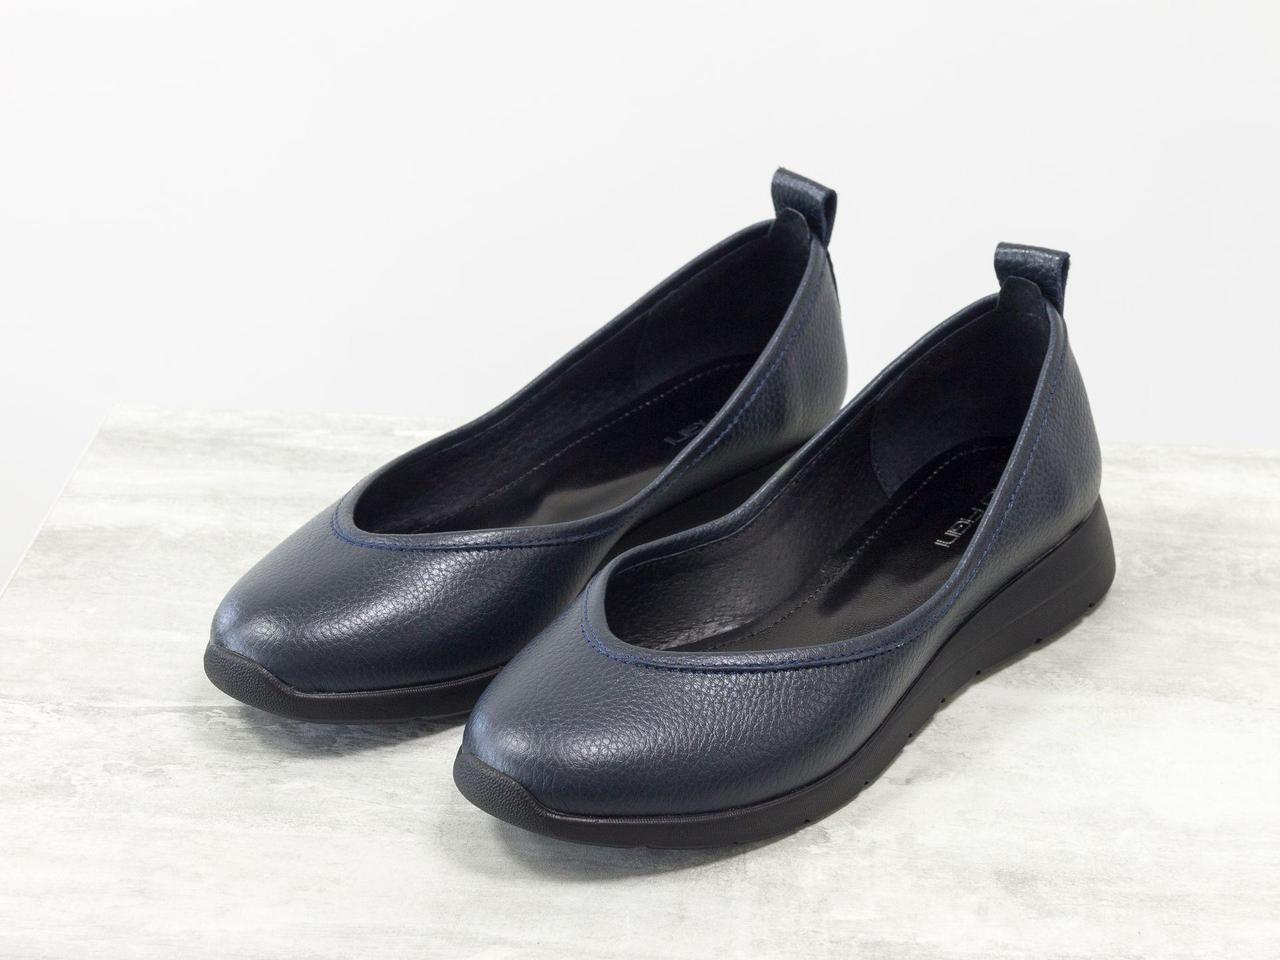 Удобные легкие туфли из натуральной кожи синего цвета на практичной черной подошве в легком спортивном стиле a